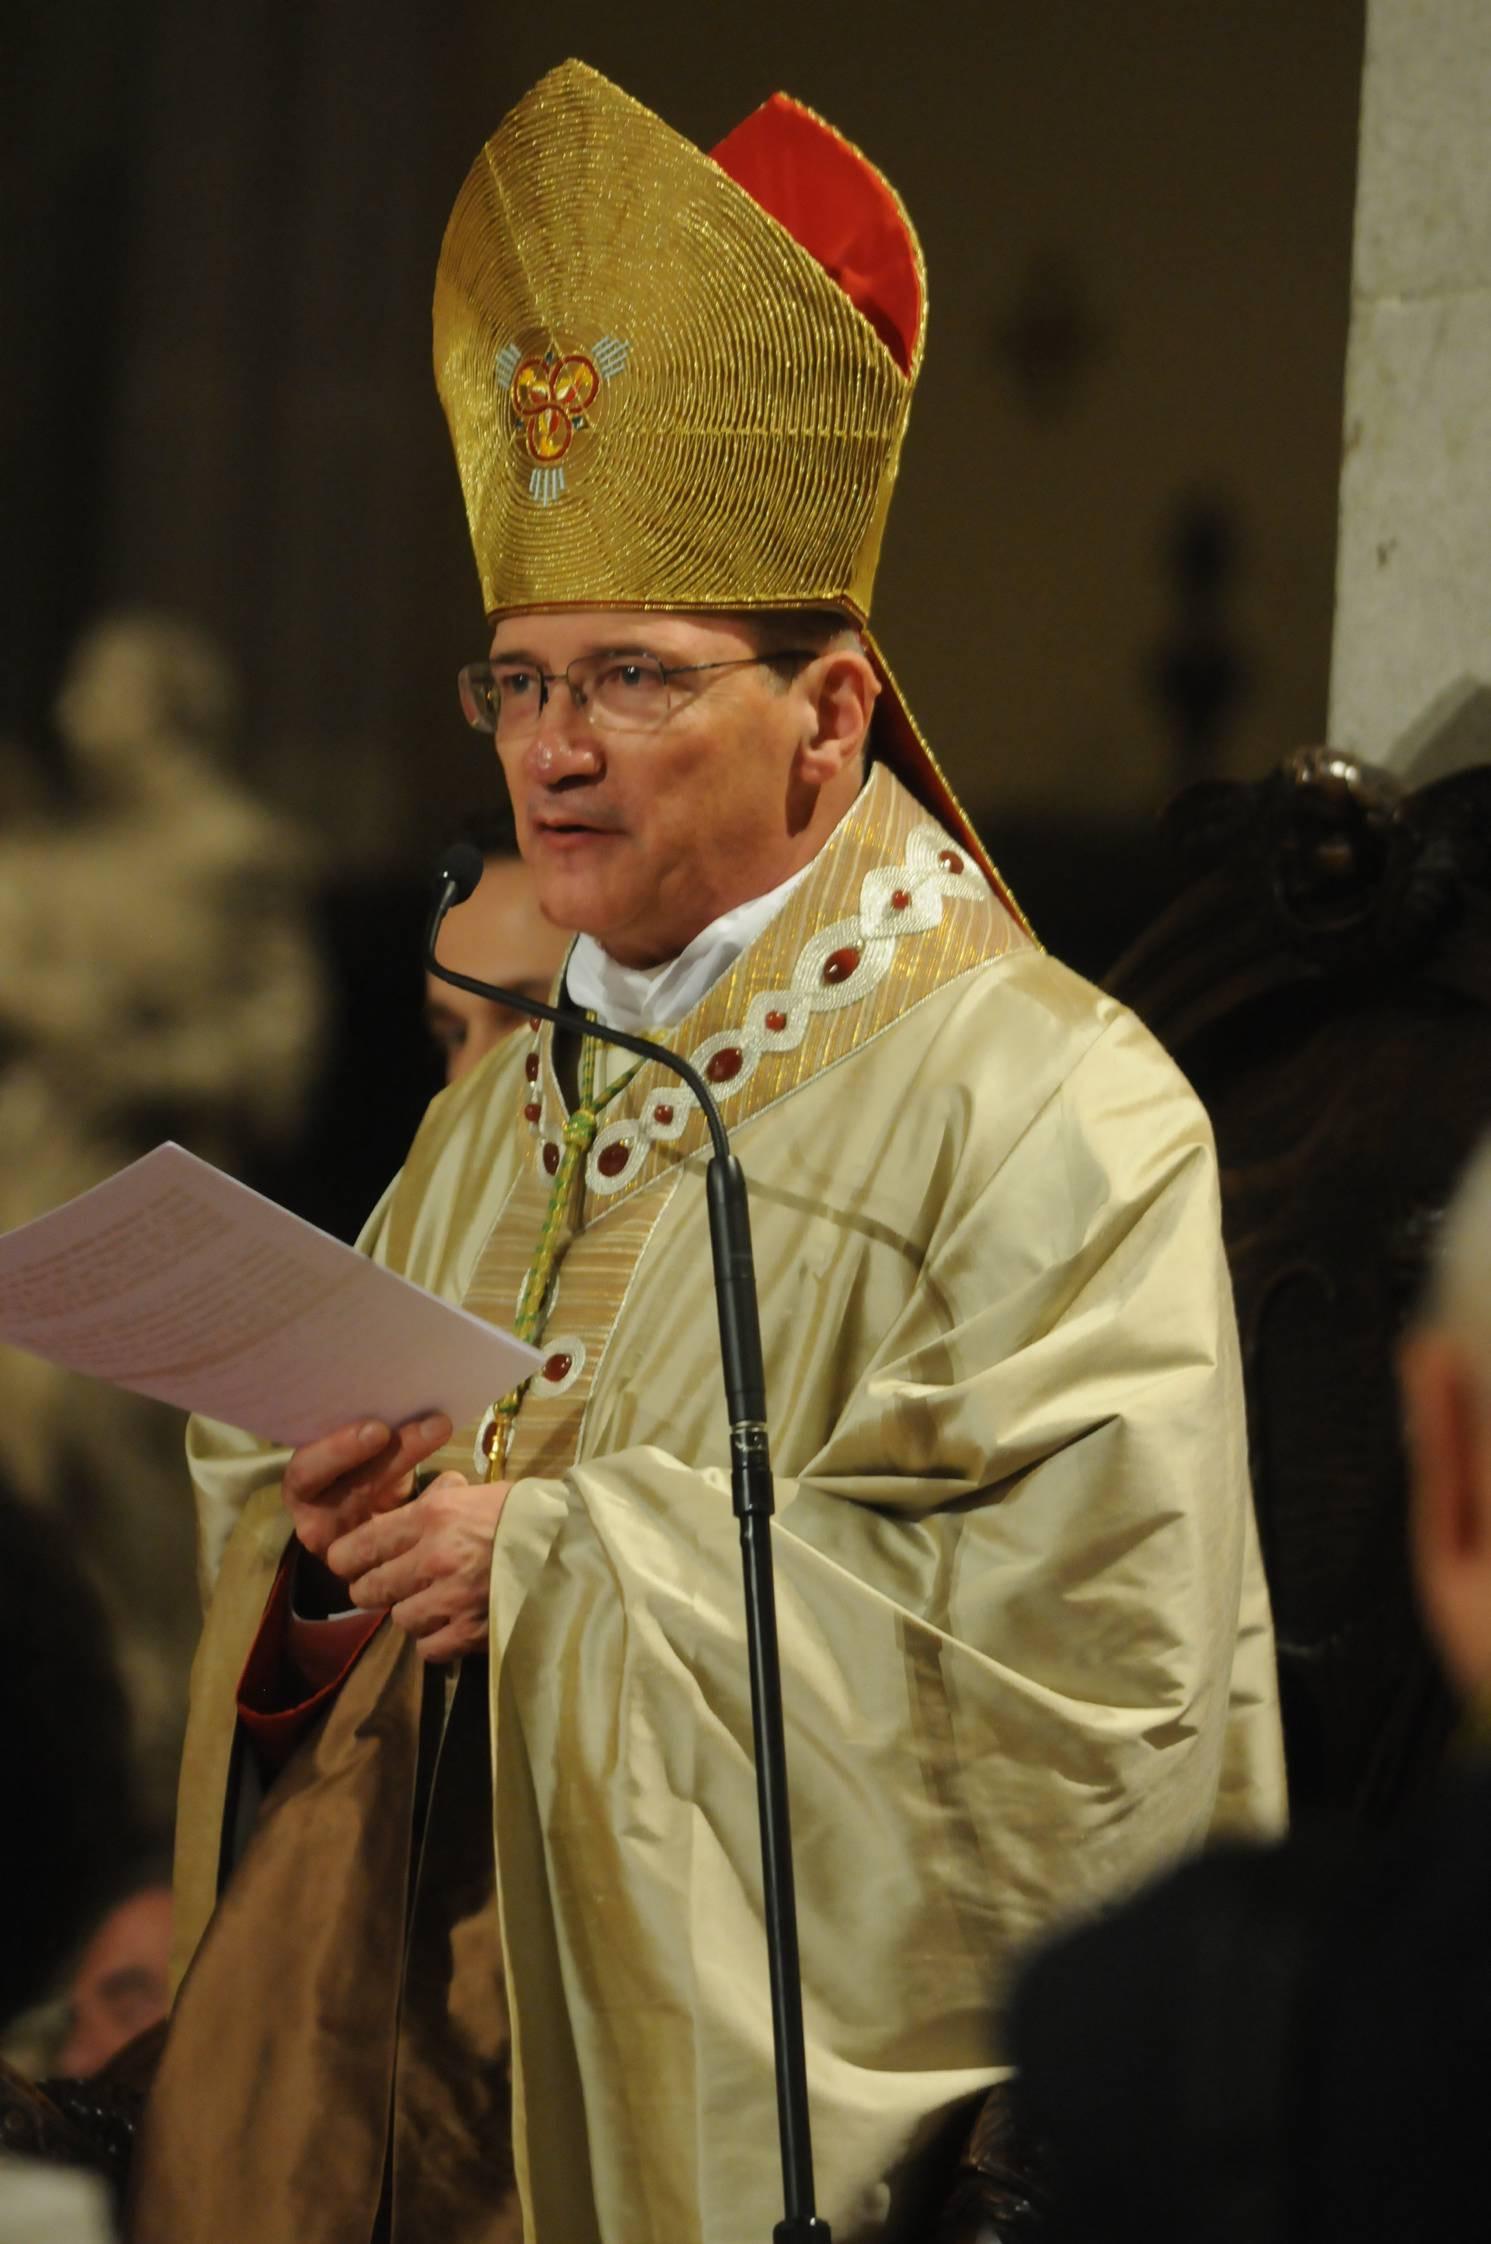 Nuovo Vescovo Carlo Redaelli